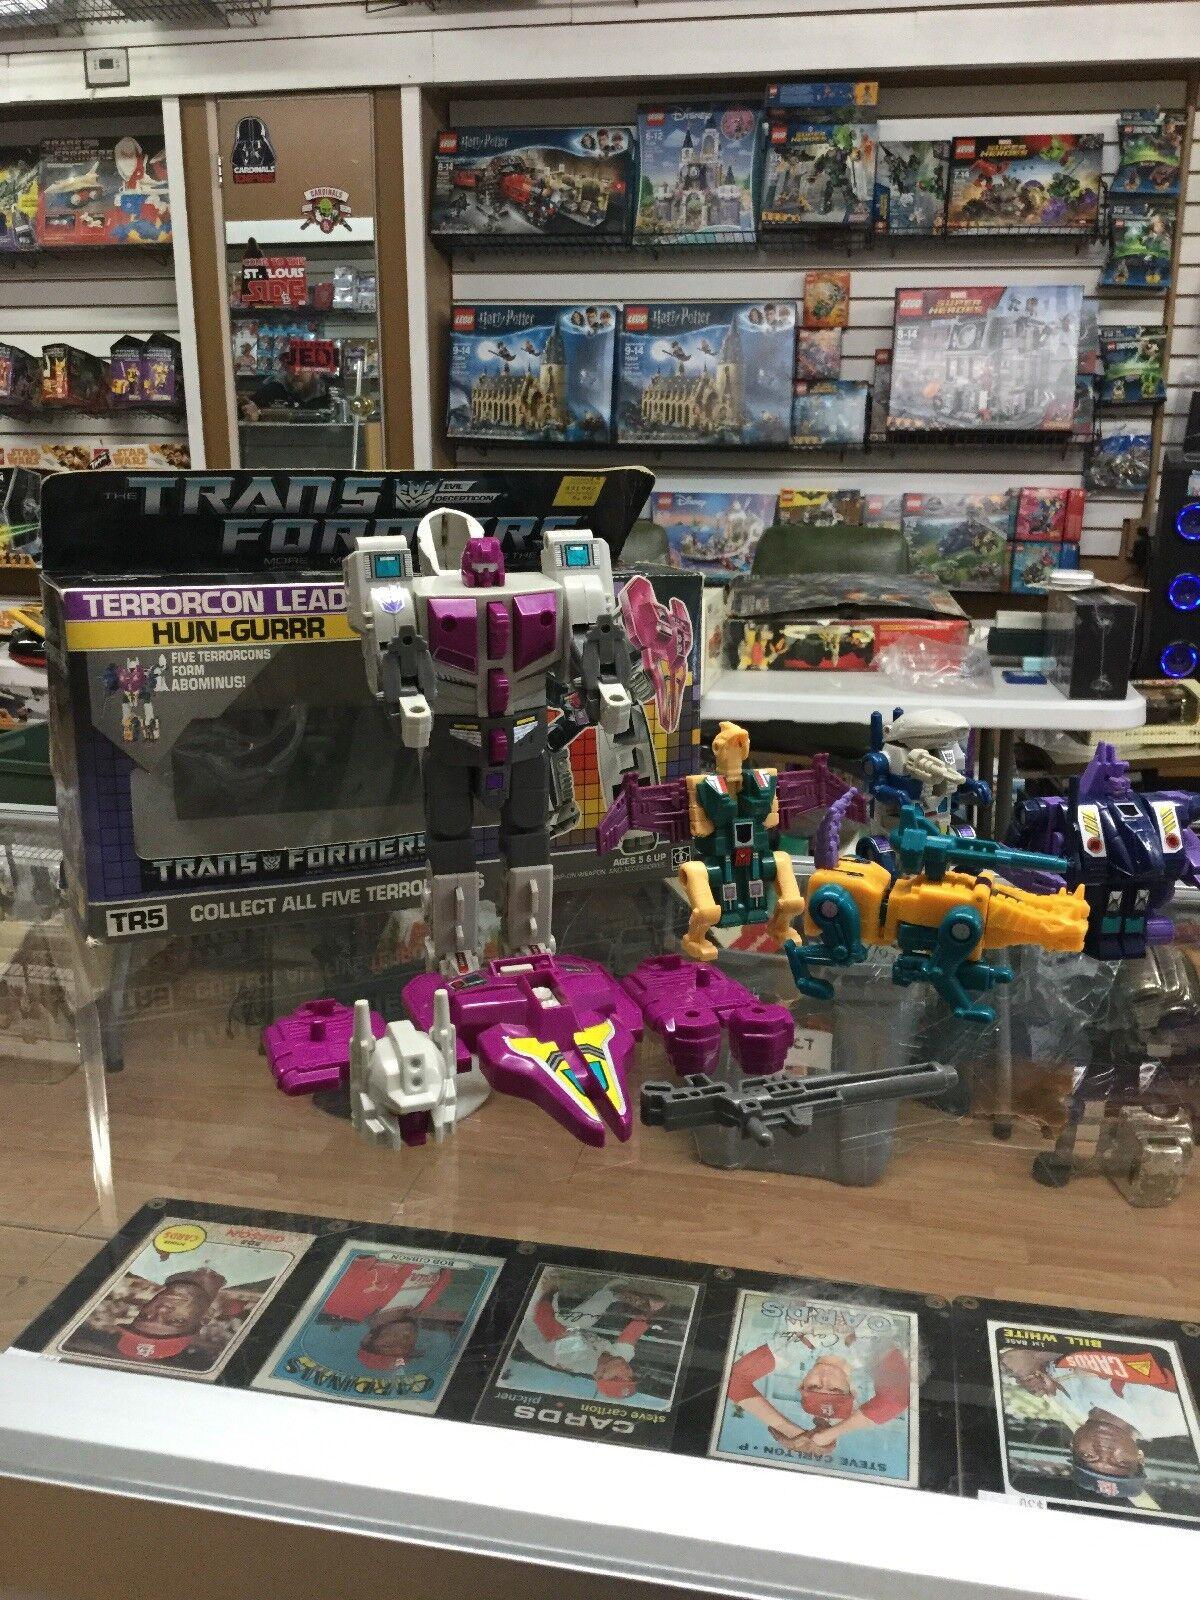 Transformers G1 Hun-gurrr (pour ABOMINUS) Boîte et 4  Terrorcons  économiser 35% - 70% de réduction